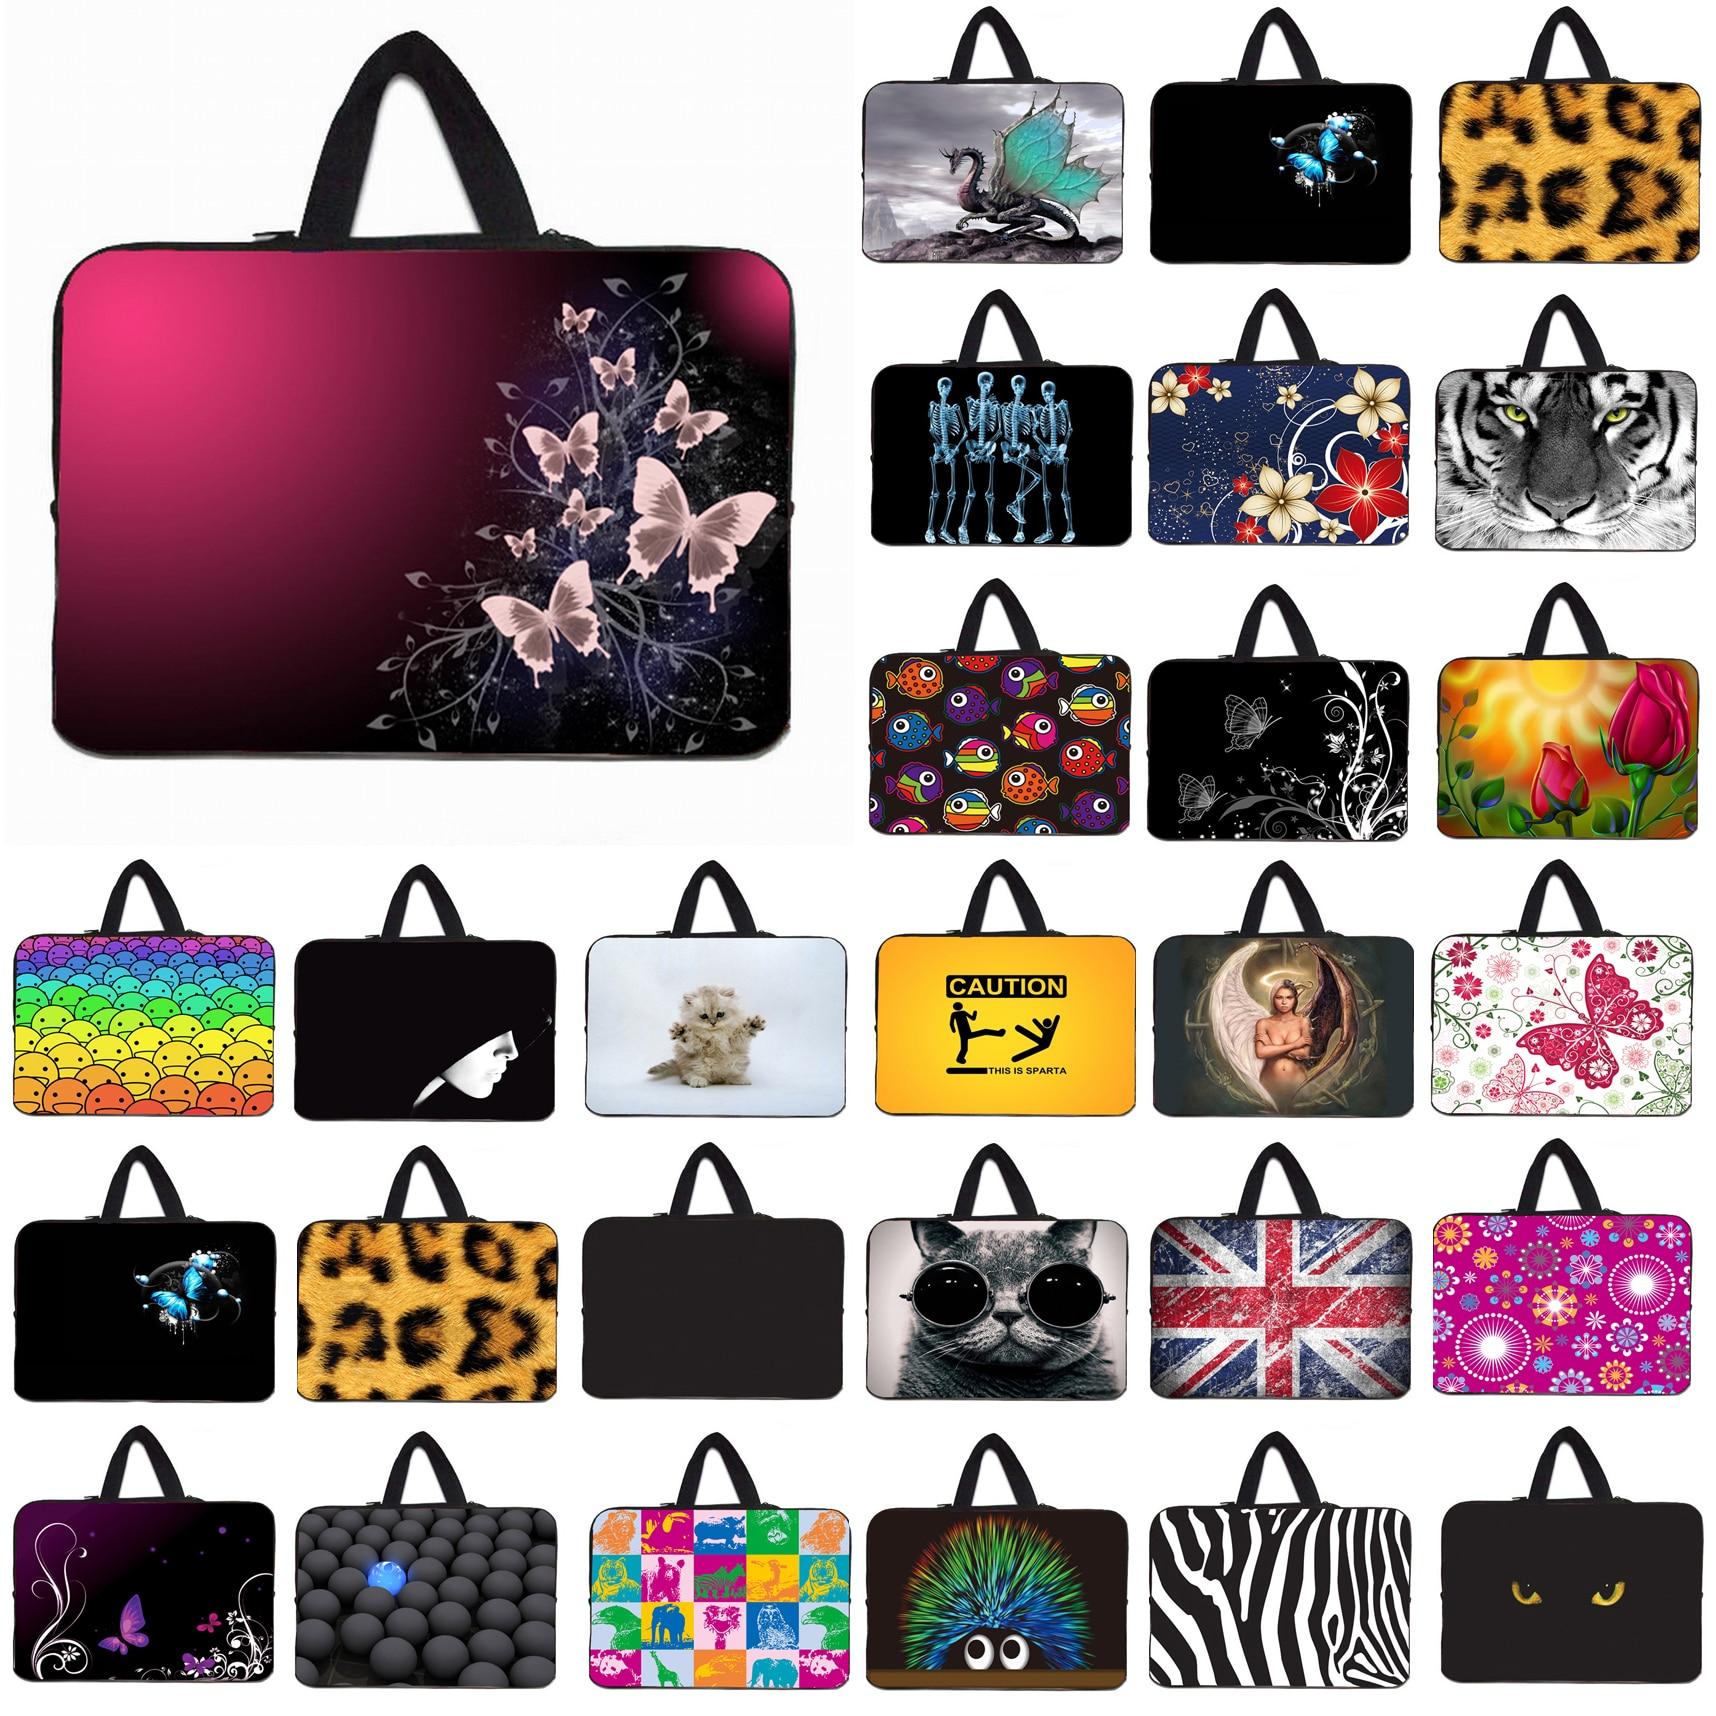 Viviration Brand Laptop Bag Tablet 10.1 11.6 12 Mini PC Inner Cases Neoprene Notebook Shell Bag For Macbook Air 13 14 15 17